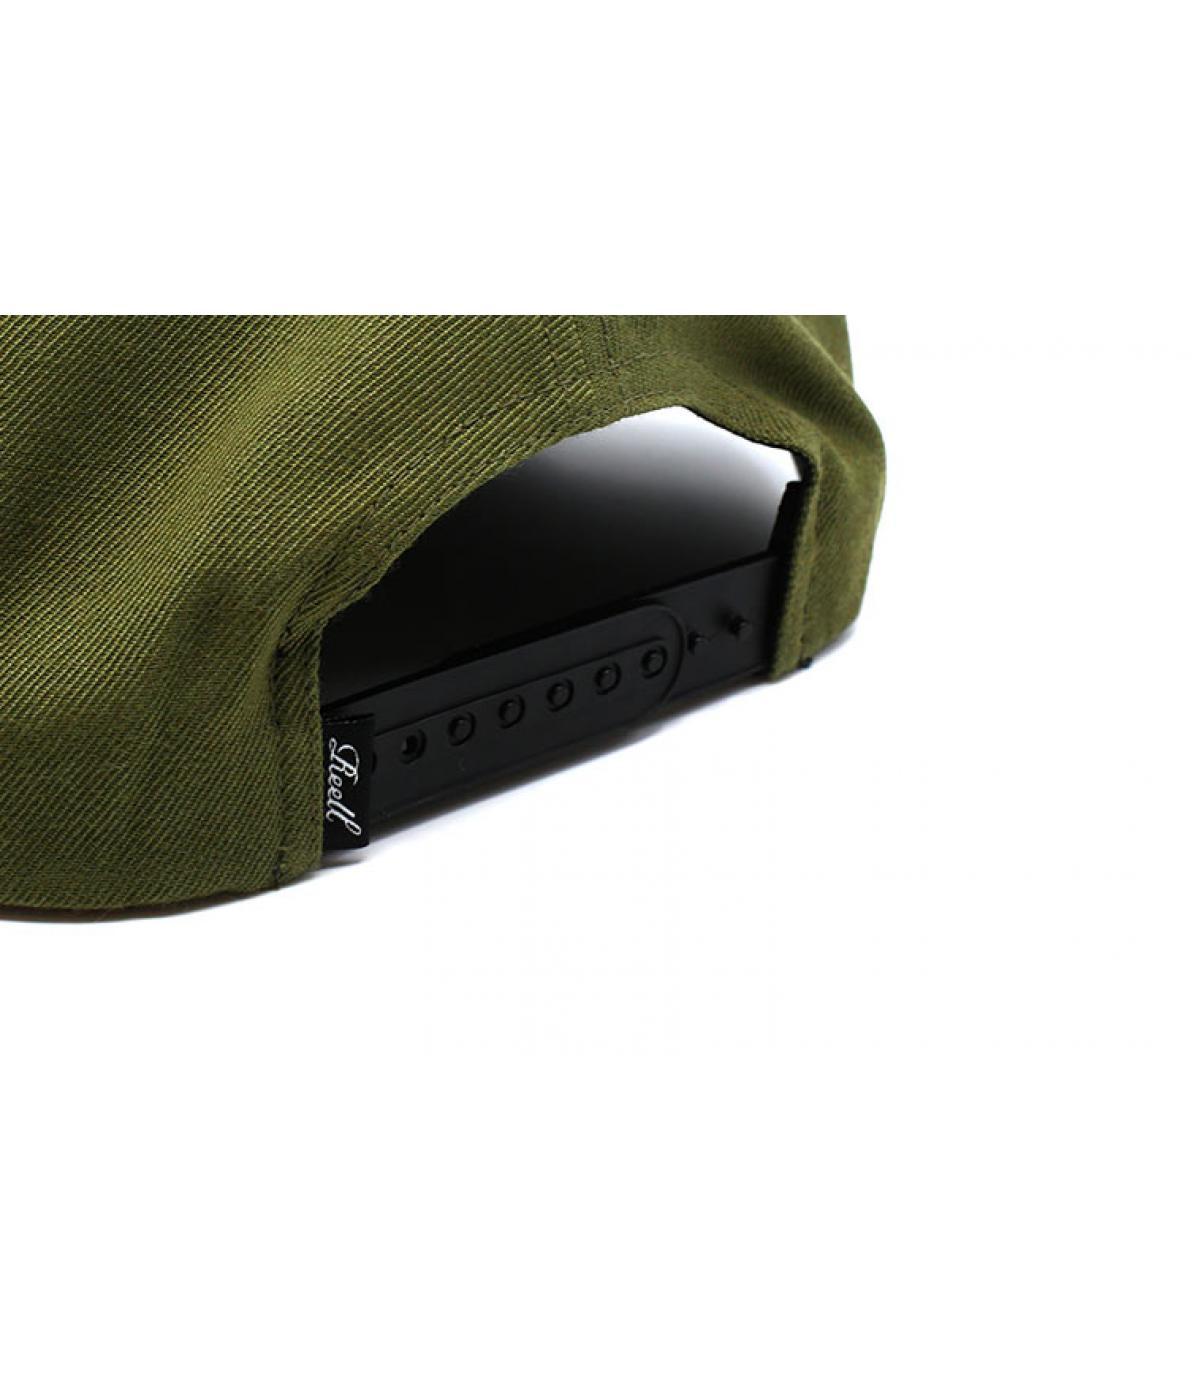 Dettagli Pitchout Cap olive black - image 5